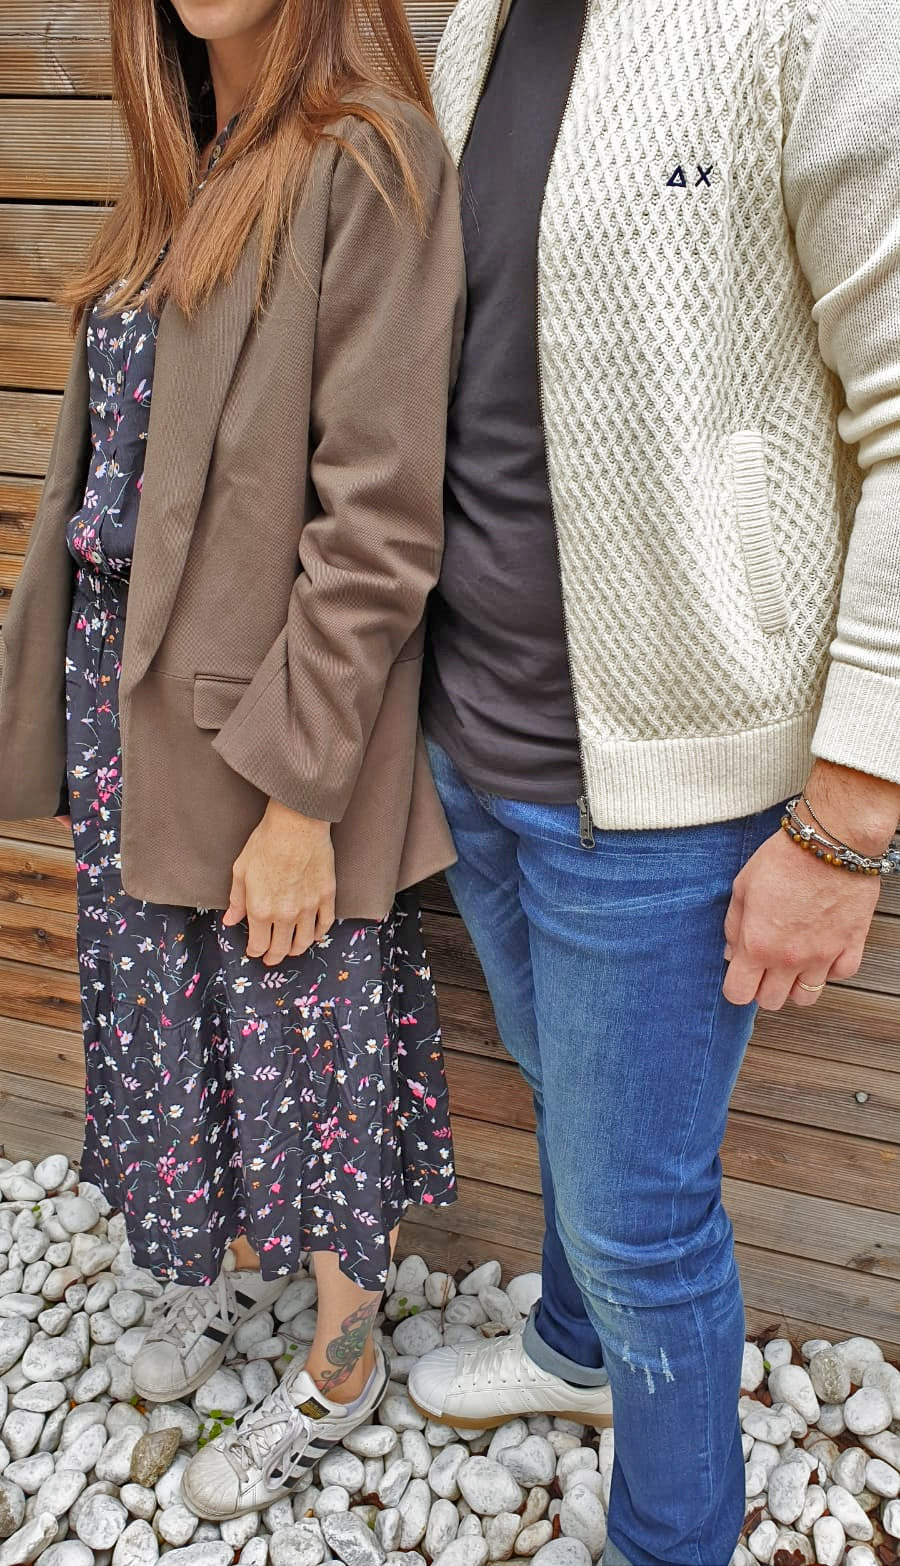 Sun68 Uomo e Donna - Unionmoda Outlet